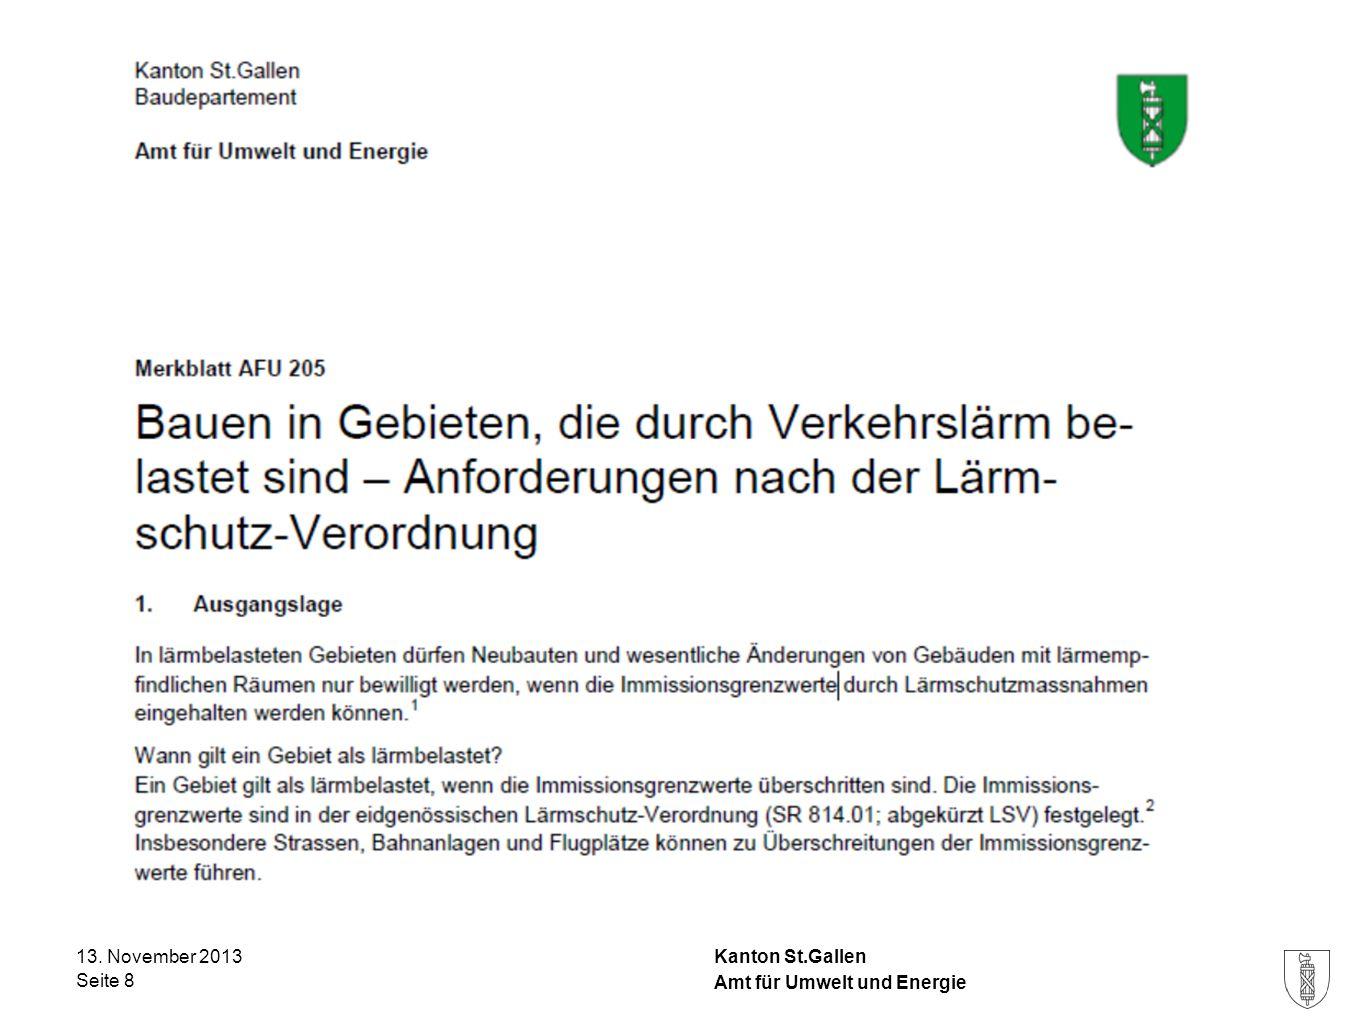 Kanton St.Gallen 13. November 2013 Seite 8 Amt für Umwelt und Energie